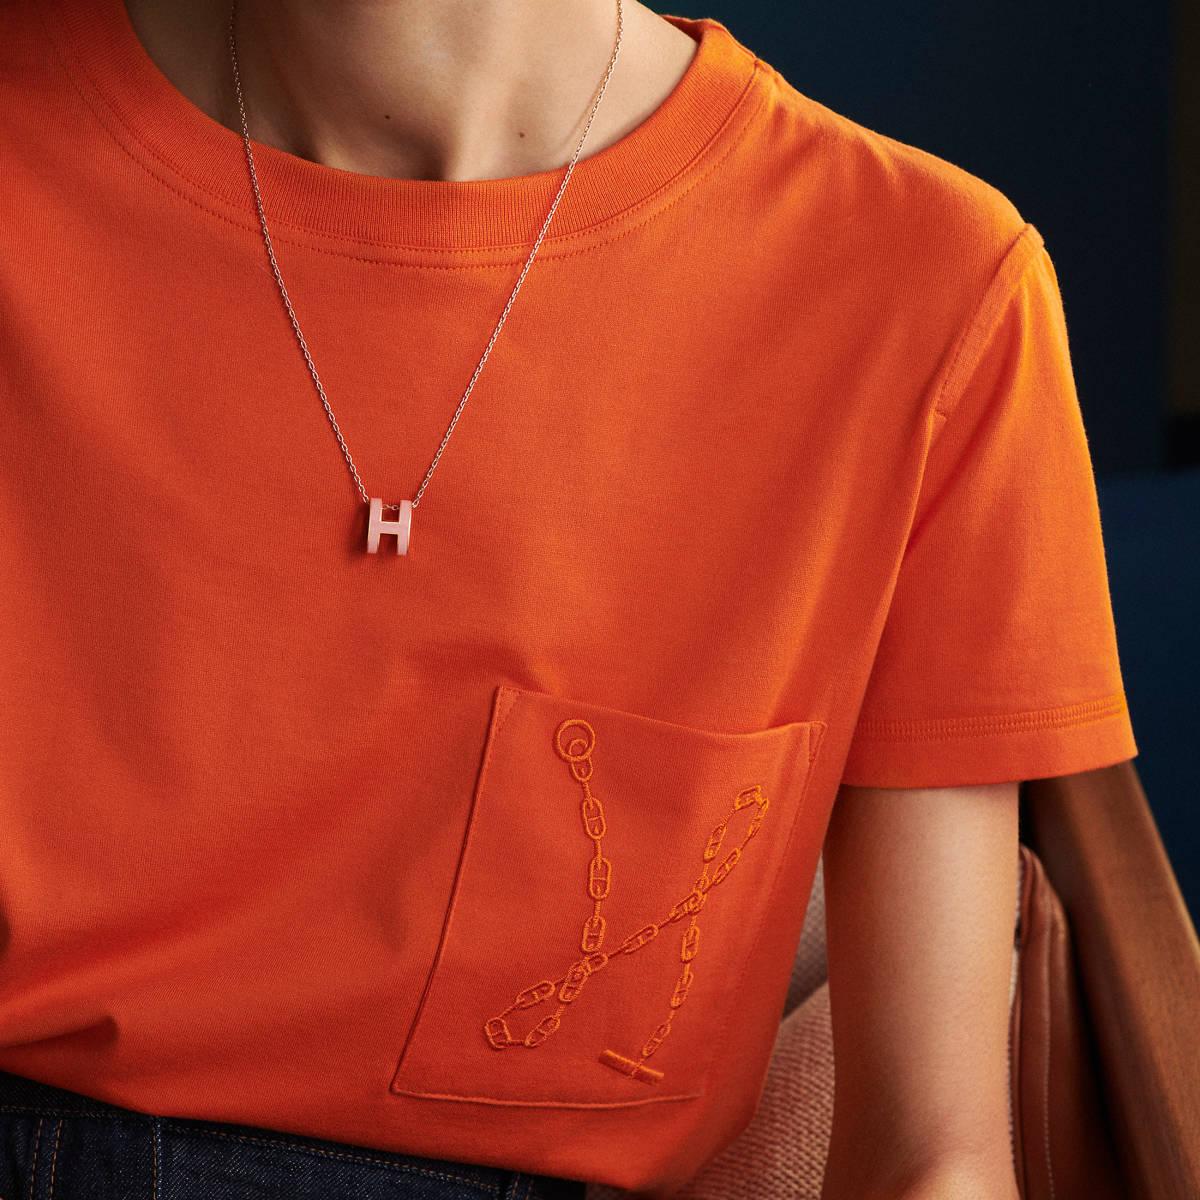 《Pop H》エルメス/HERMES【ローズ・ドラジェ×ピンクゴールド】ネックレス/アクセサリー/ペンダント/ポップ H/ローズゴールド_画像3